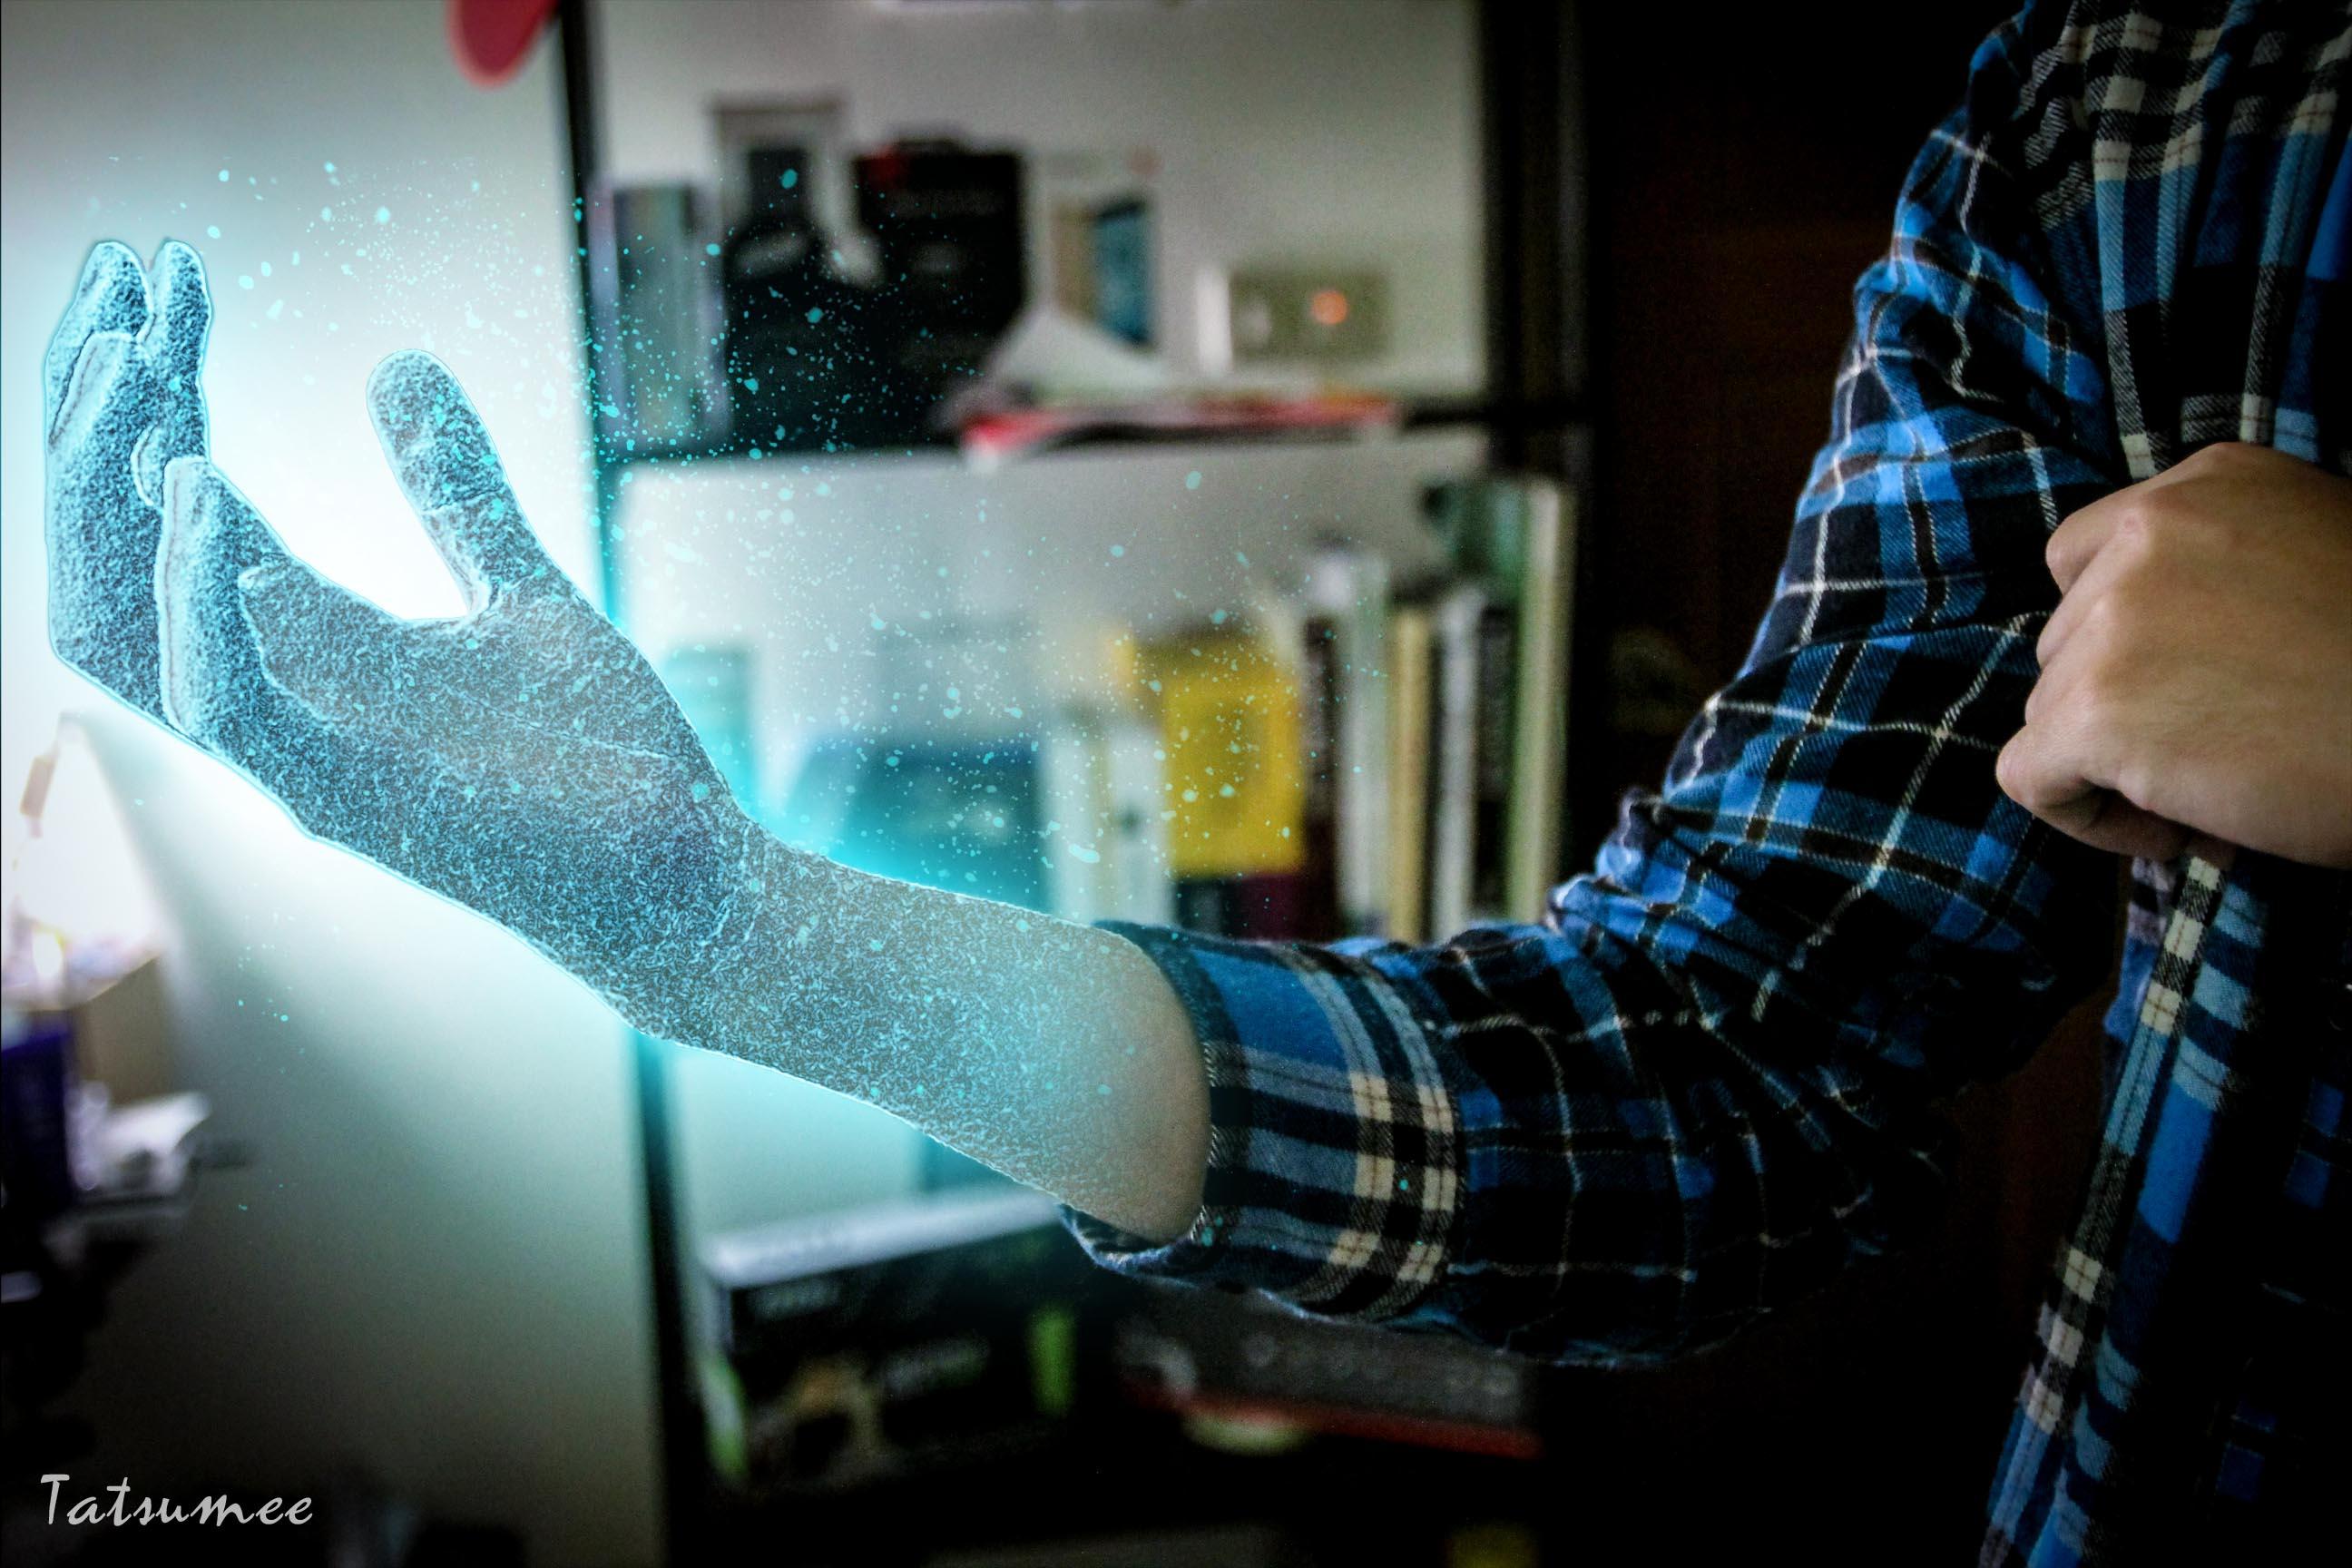 【结冰特效】塔兹米教你用PS做出冰霜特效